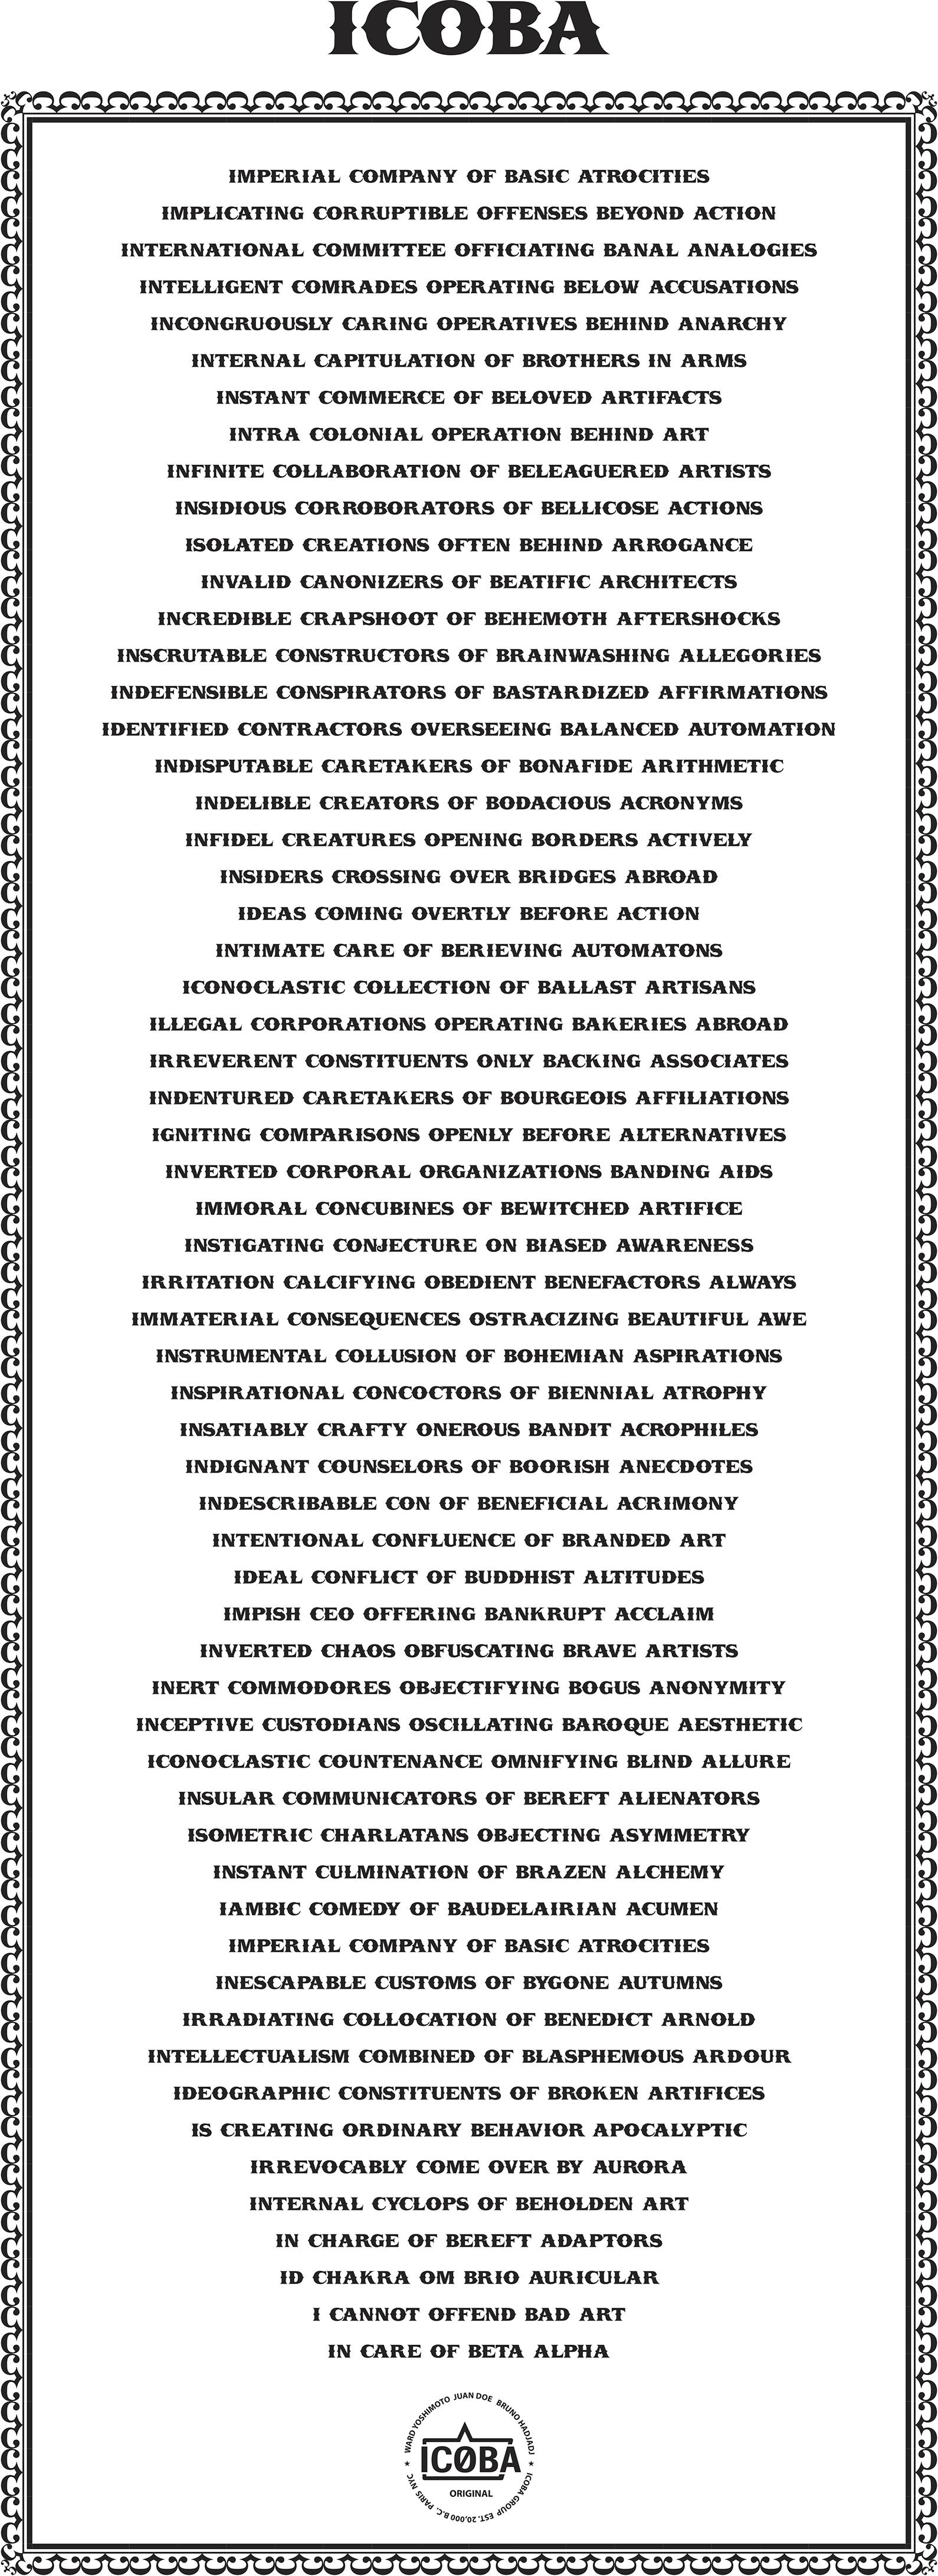 Icoba_acronyms 150.jpg